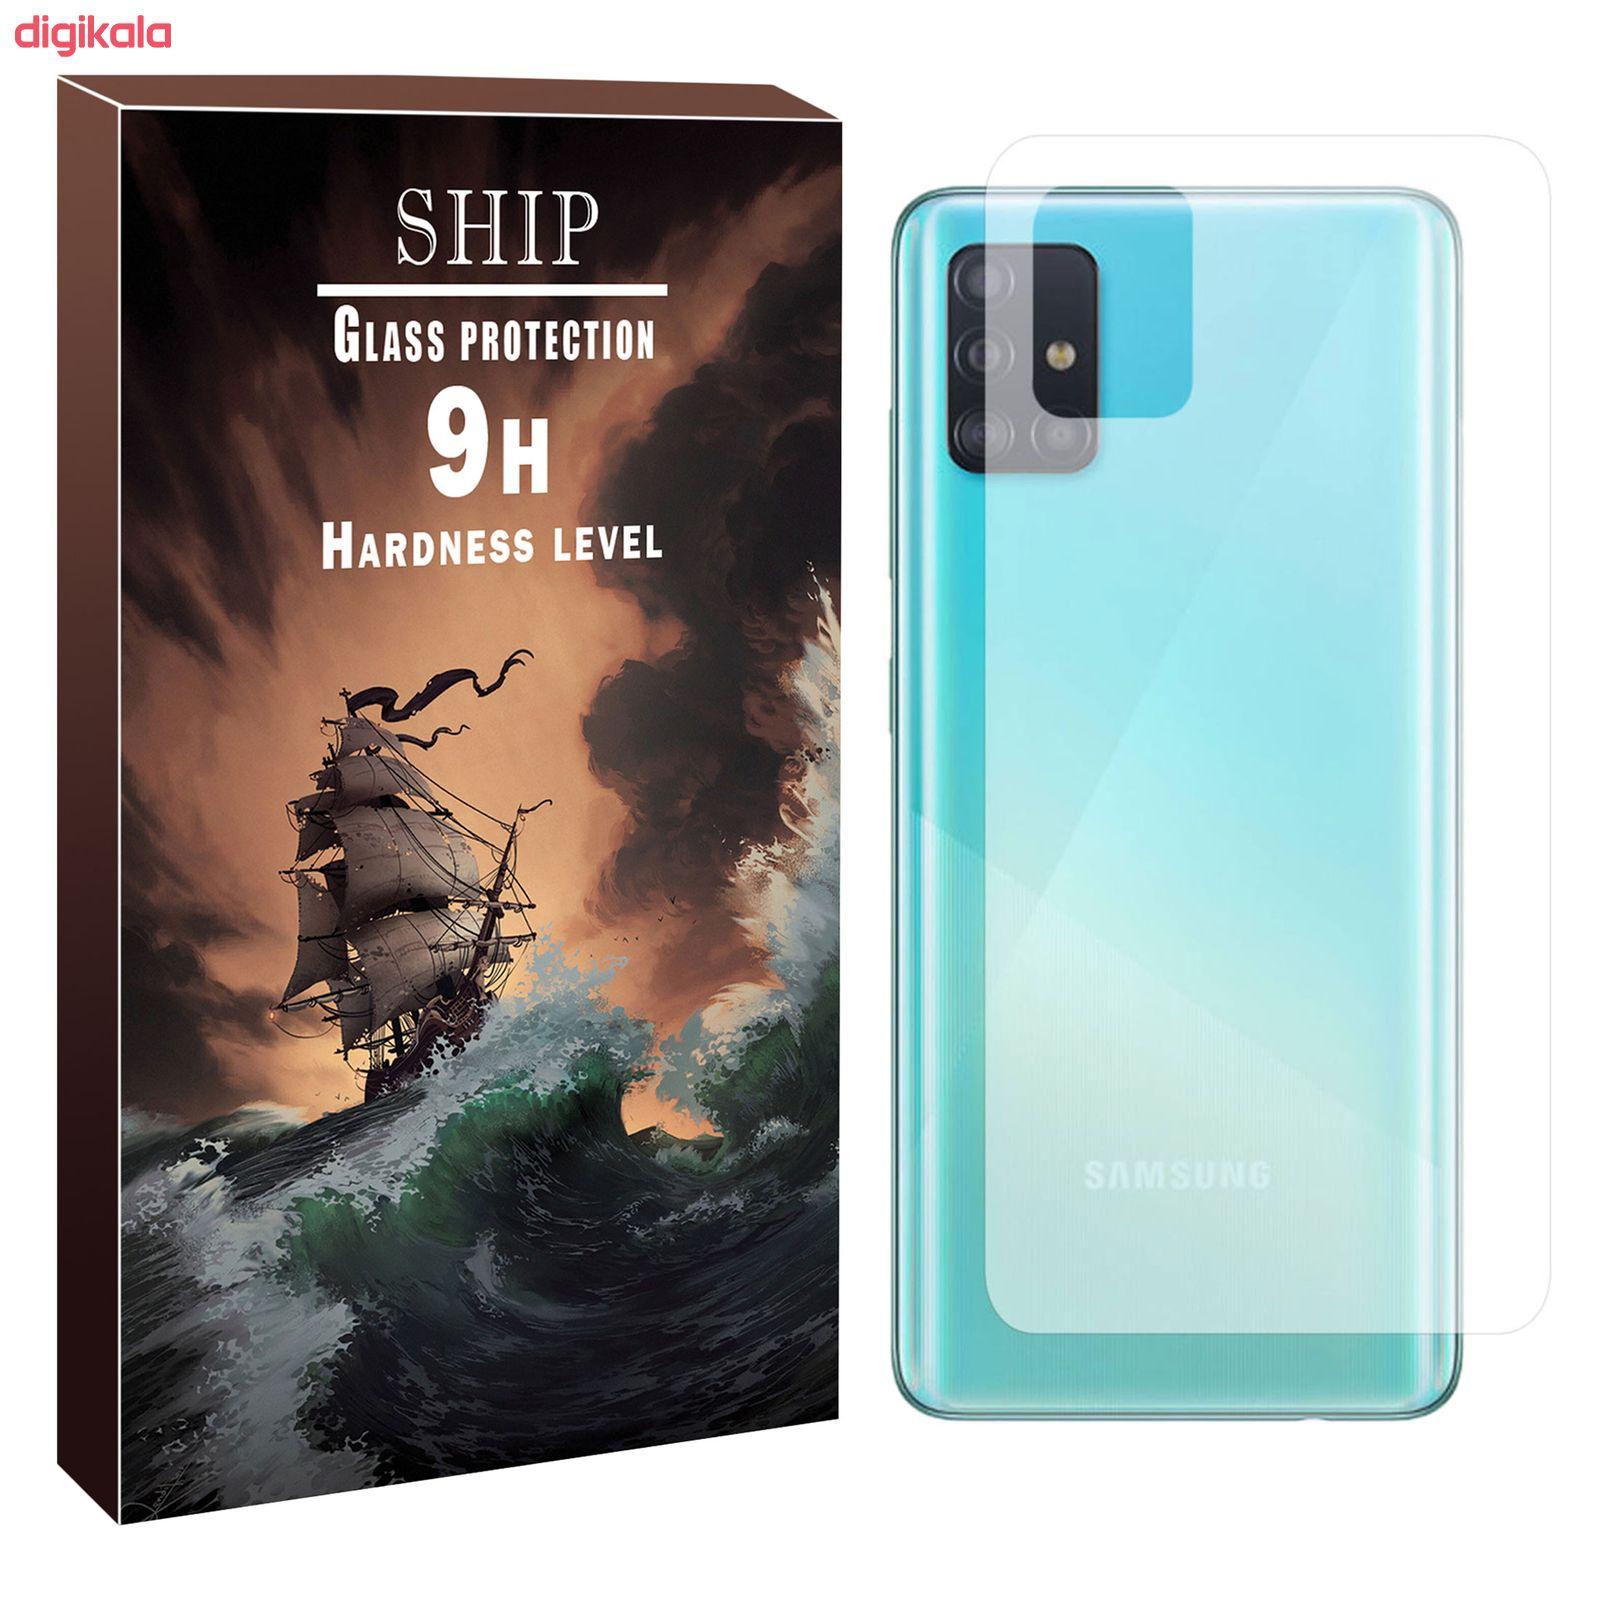 محافظ پشت گوشی شیپ مدل BKSH-01 مناسب برای گوشی موبایل سامسونگ Galaxy A71 main 1 1